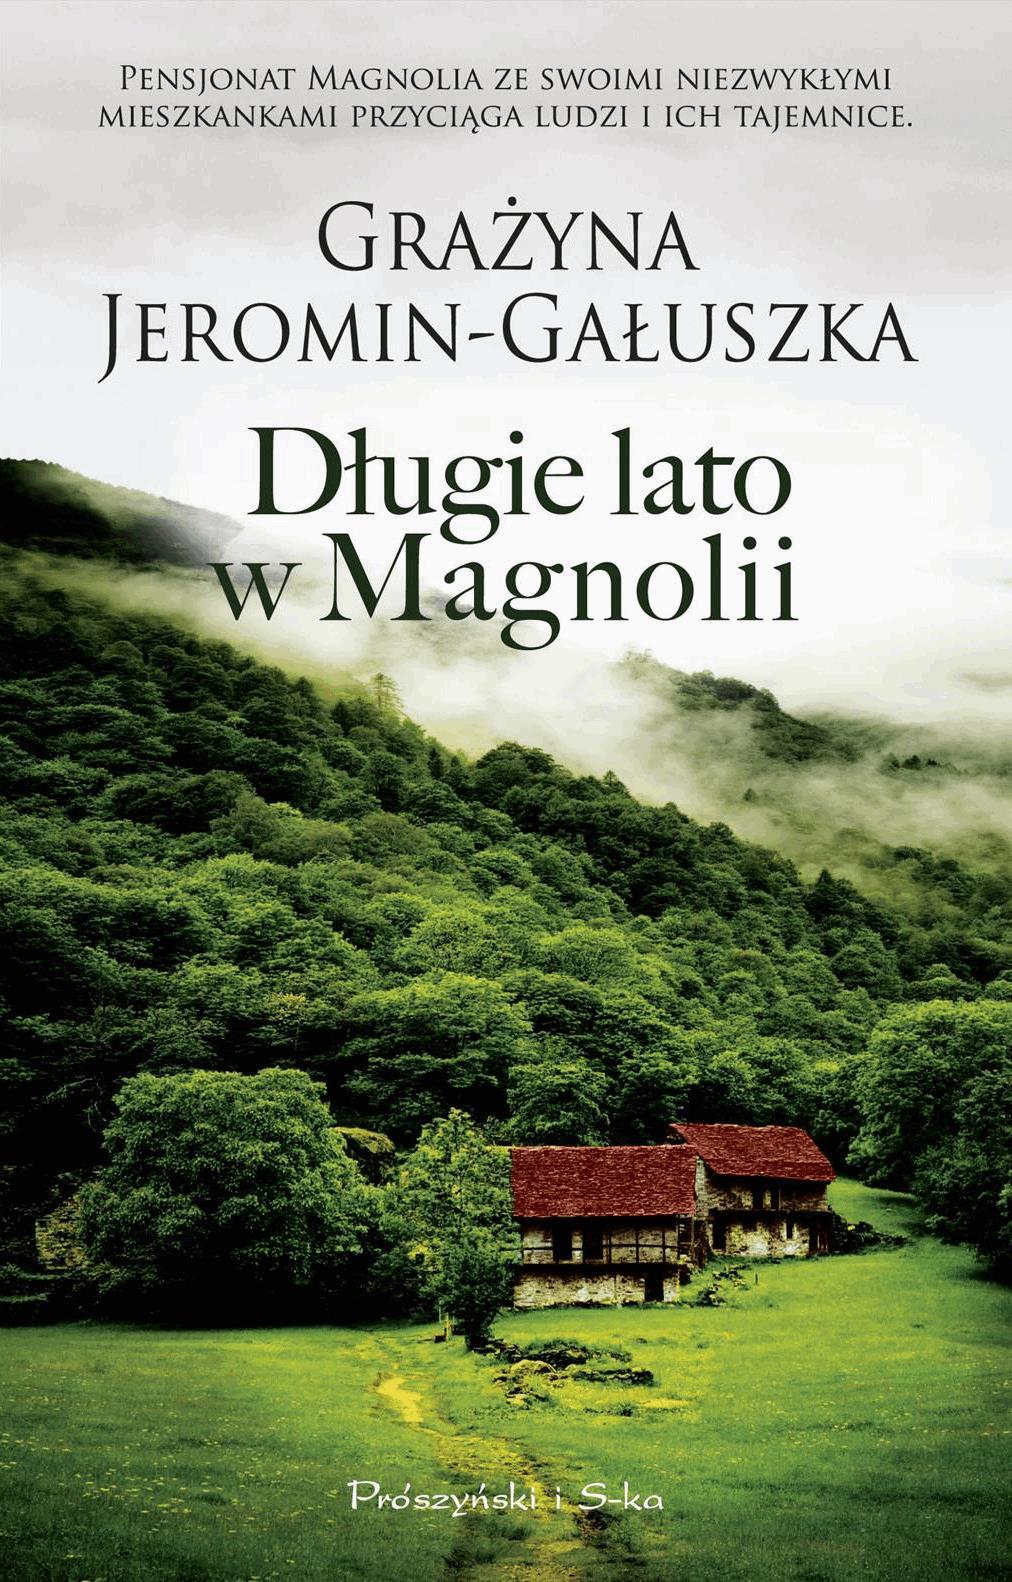 Długie lato w Magnolii - Tylko w Legimi możesz przeczytać ten tytuł przez 7 dni za darmo. - Grażyna Jeromin-Gałuszka